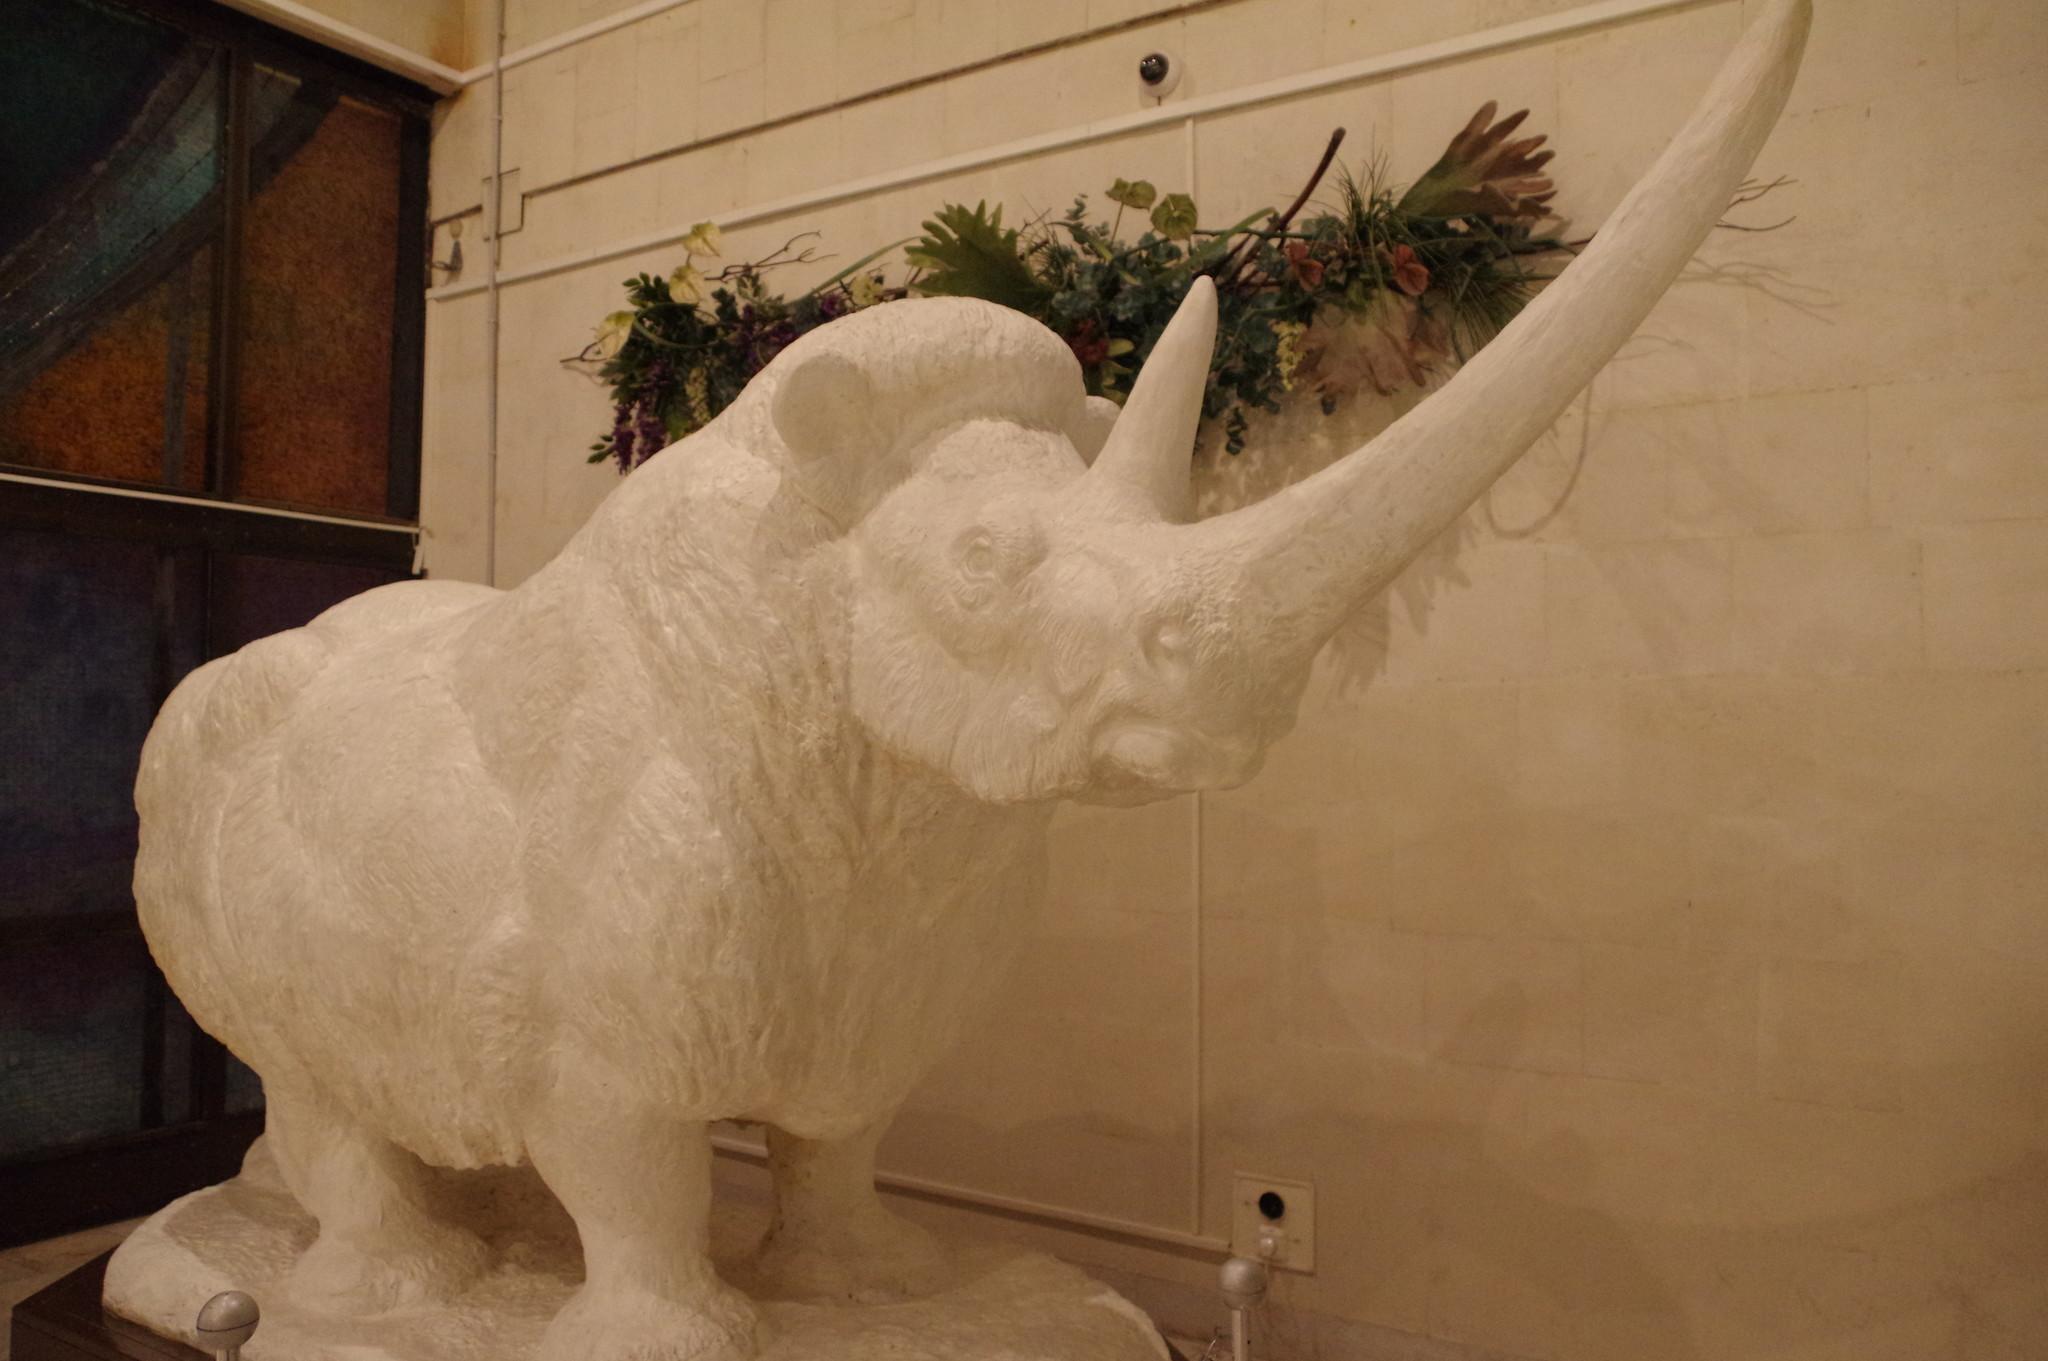 Шерстистый носорог. Флеров К.К. Гипс. Государственный Дарвиновский музей